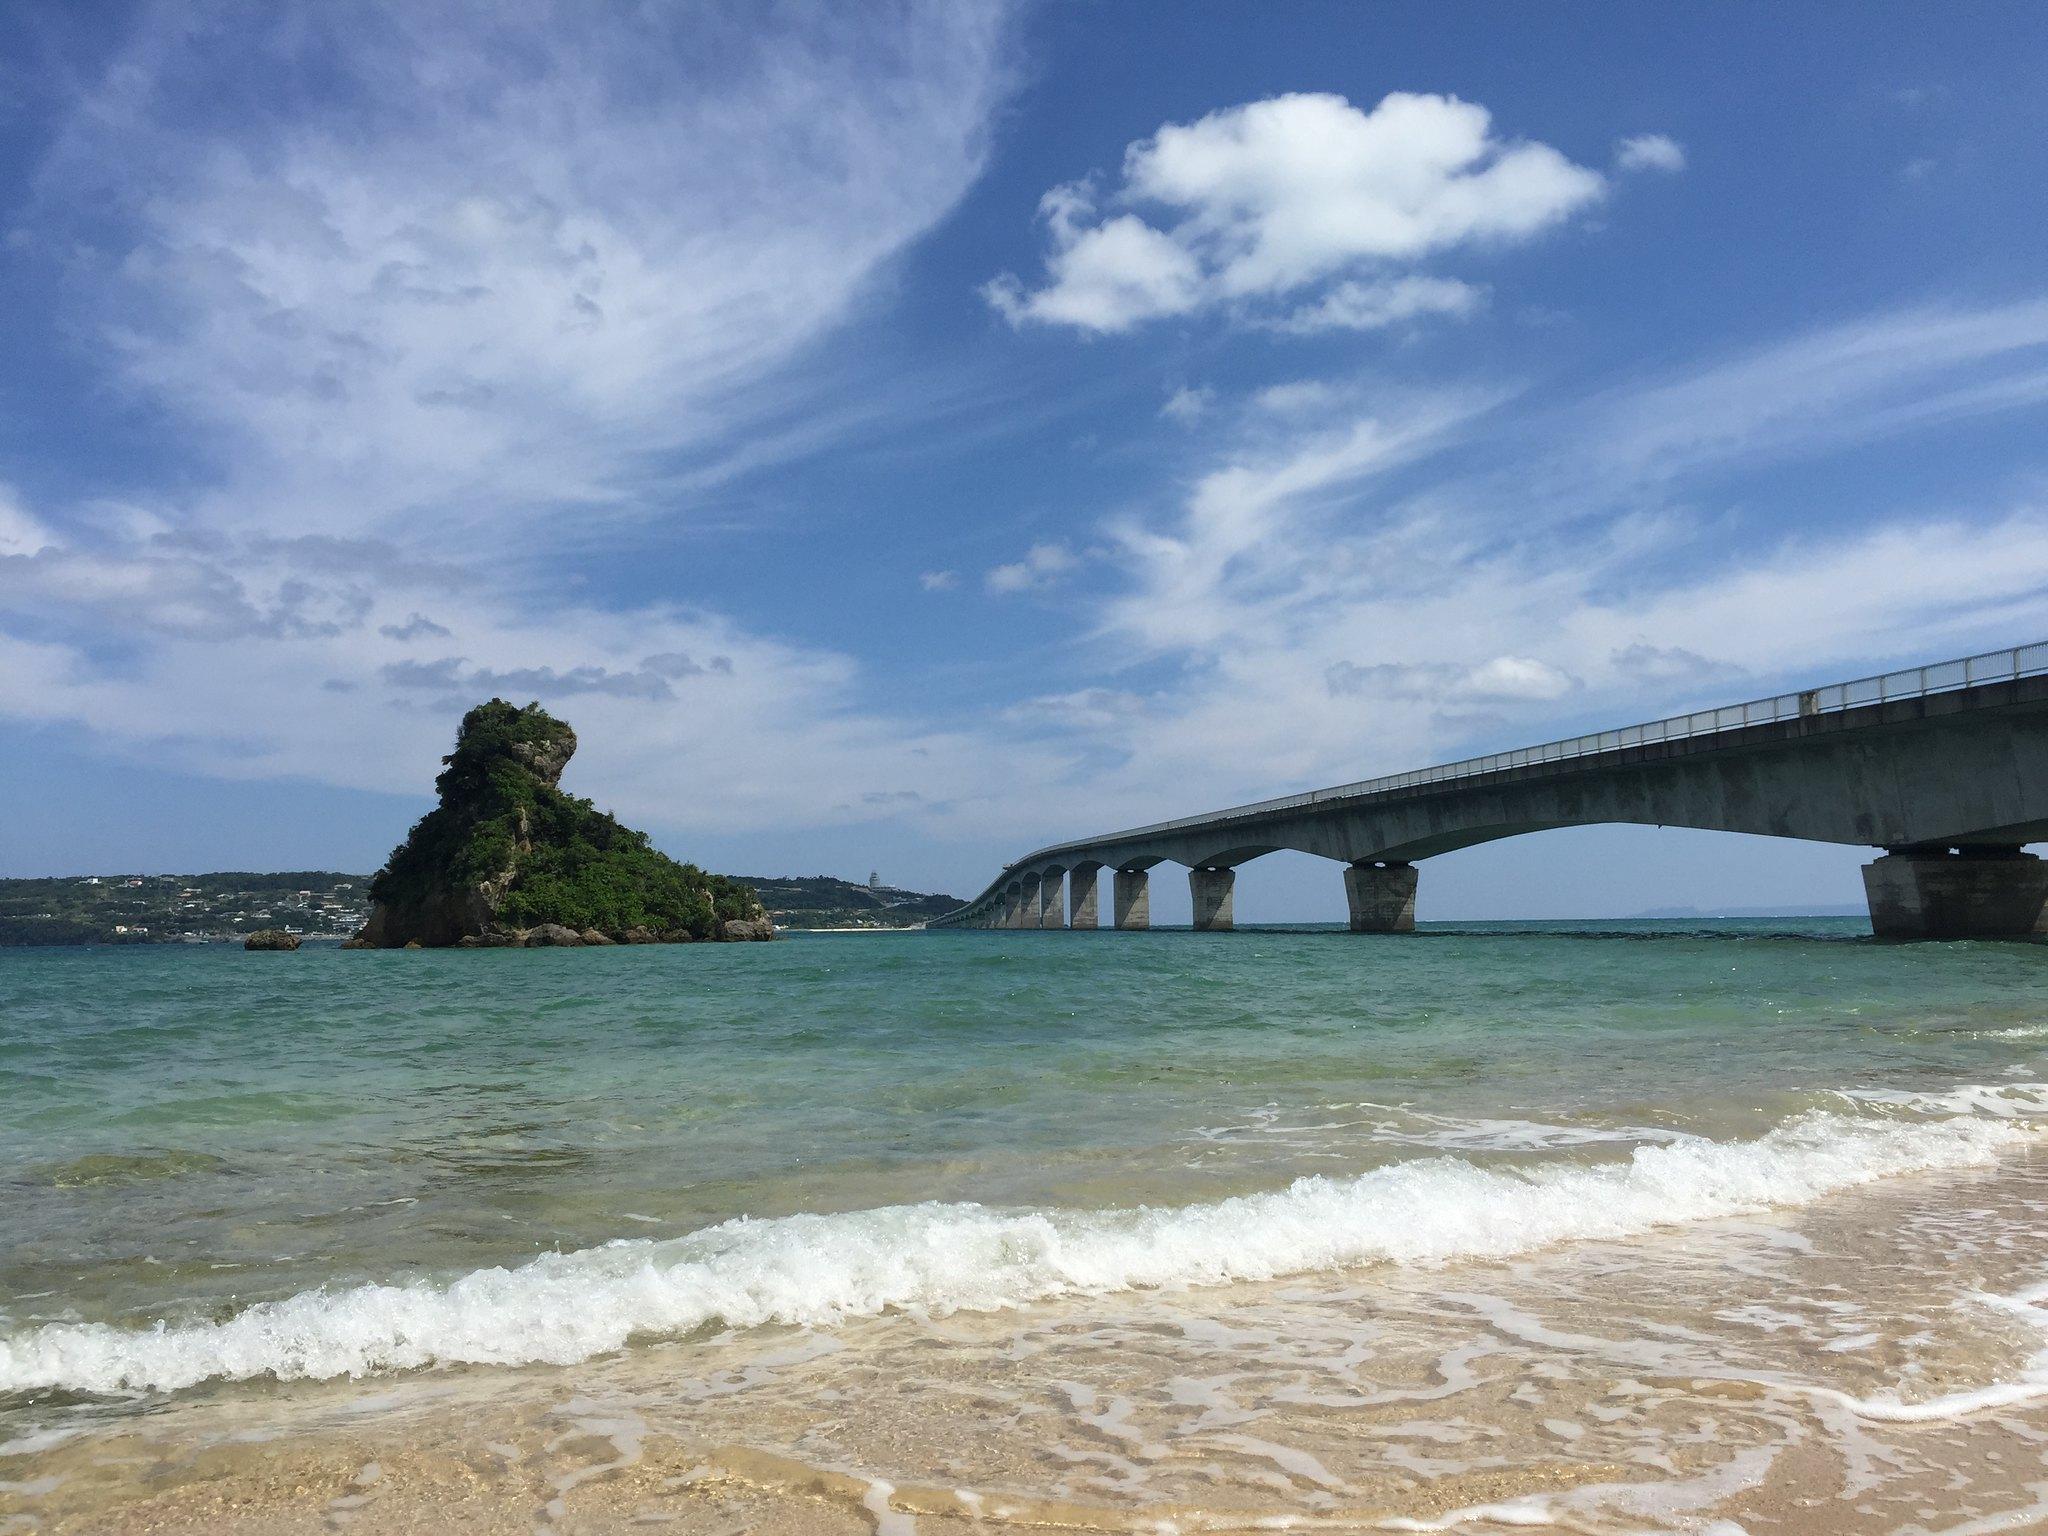 沖繩 今歸仁 夏末旅行- i phone6